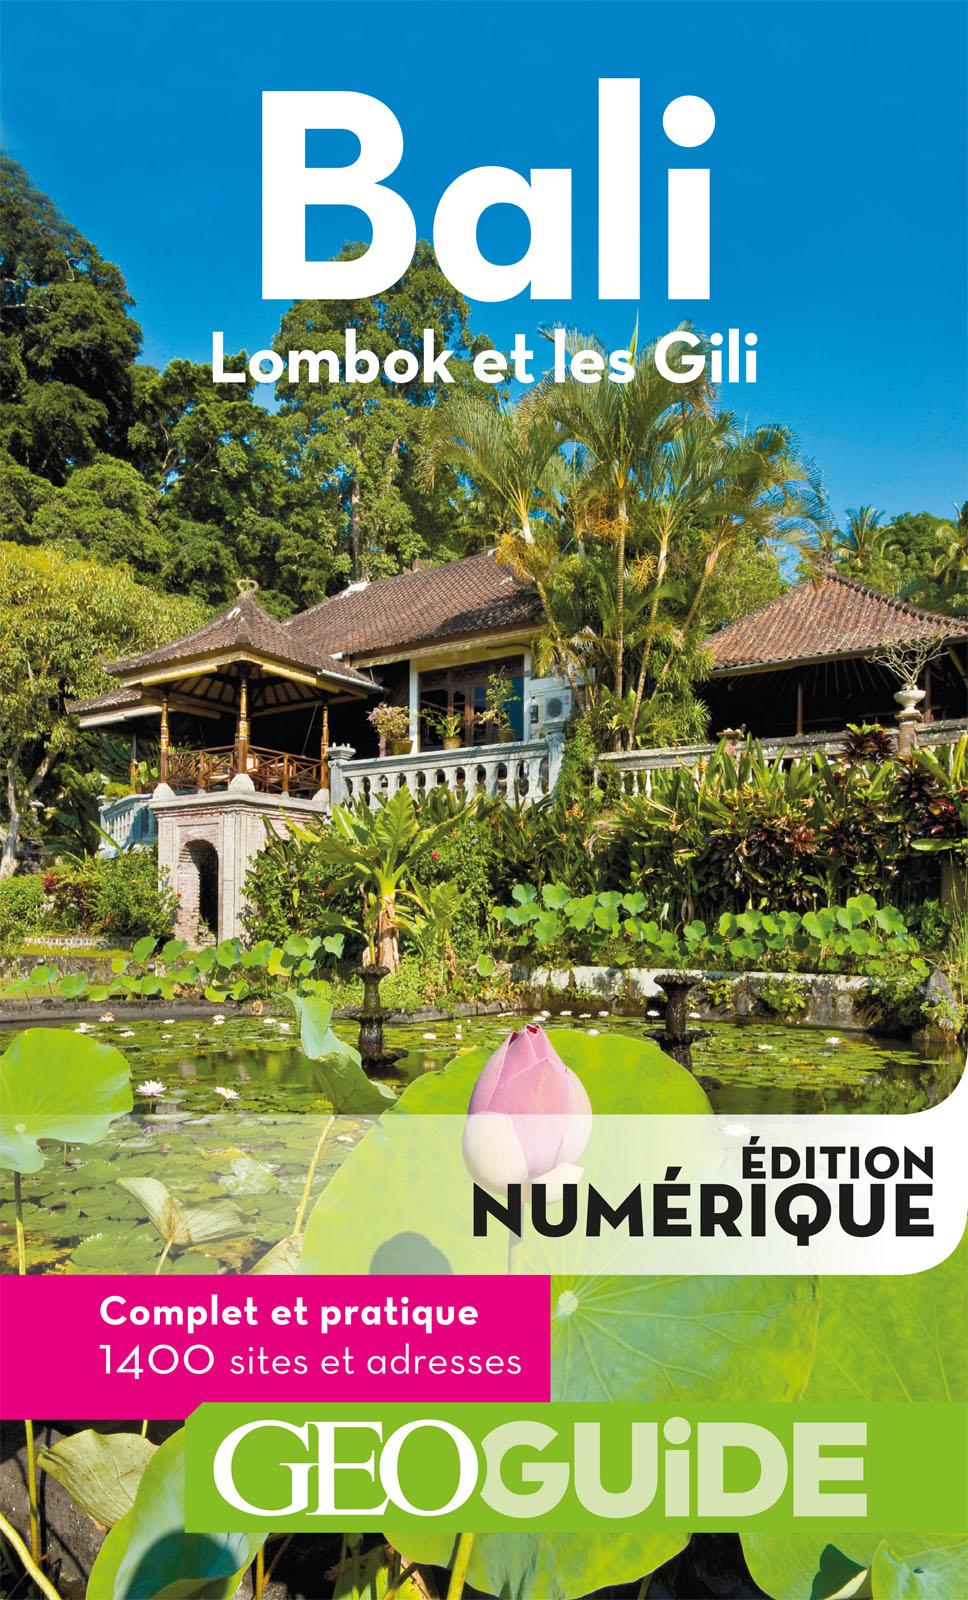 GEOguide Bali. Lombok et les Gili |